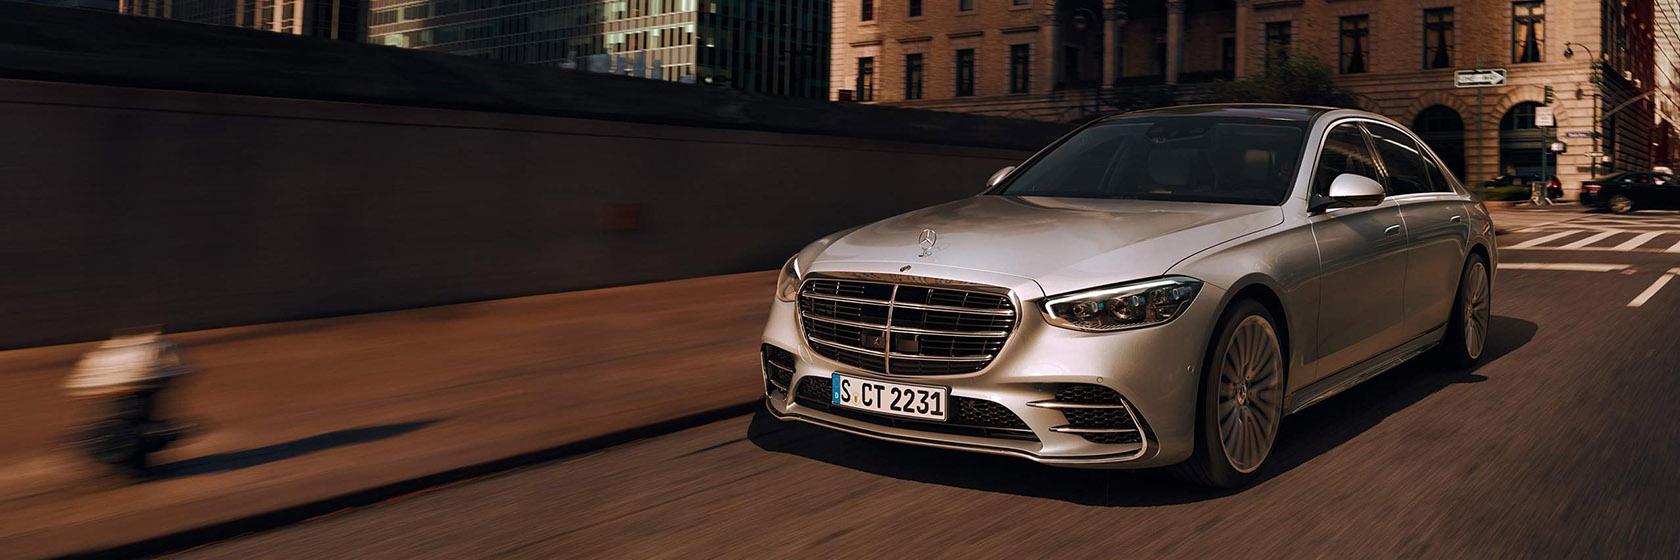 Ціна Mercedes–Benz S–Class Sedan wv223 2021